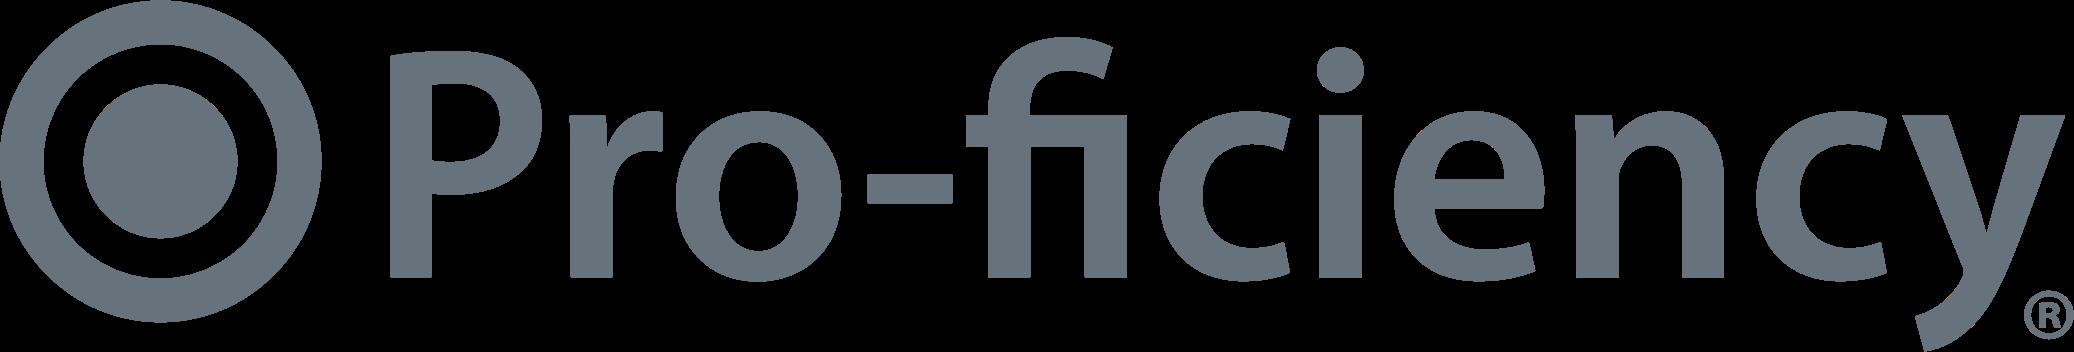 Pro-ficiency logo